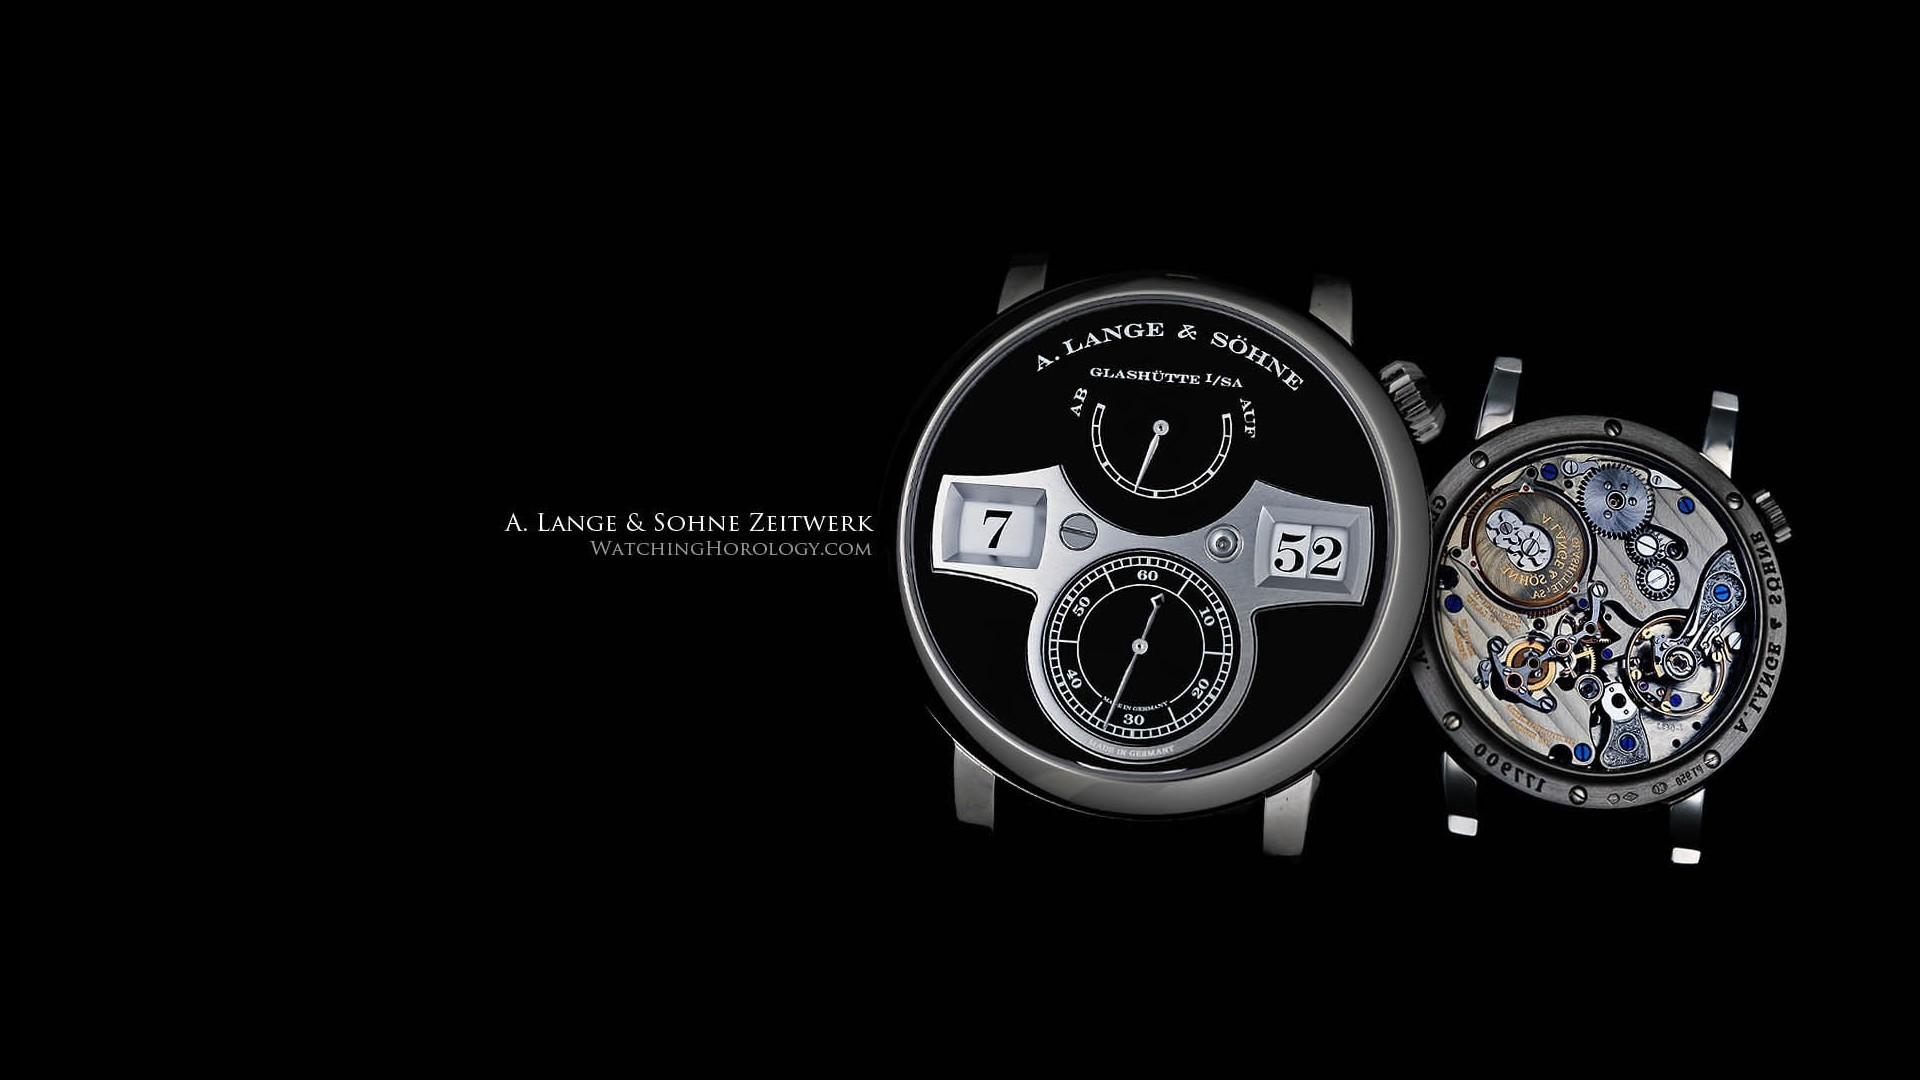 Lange & Sohne Zeitwerk Watch HD Image Brands & Ads